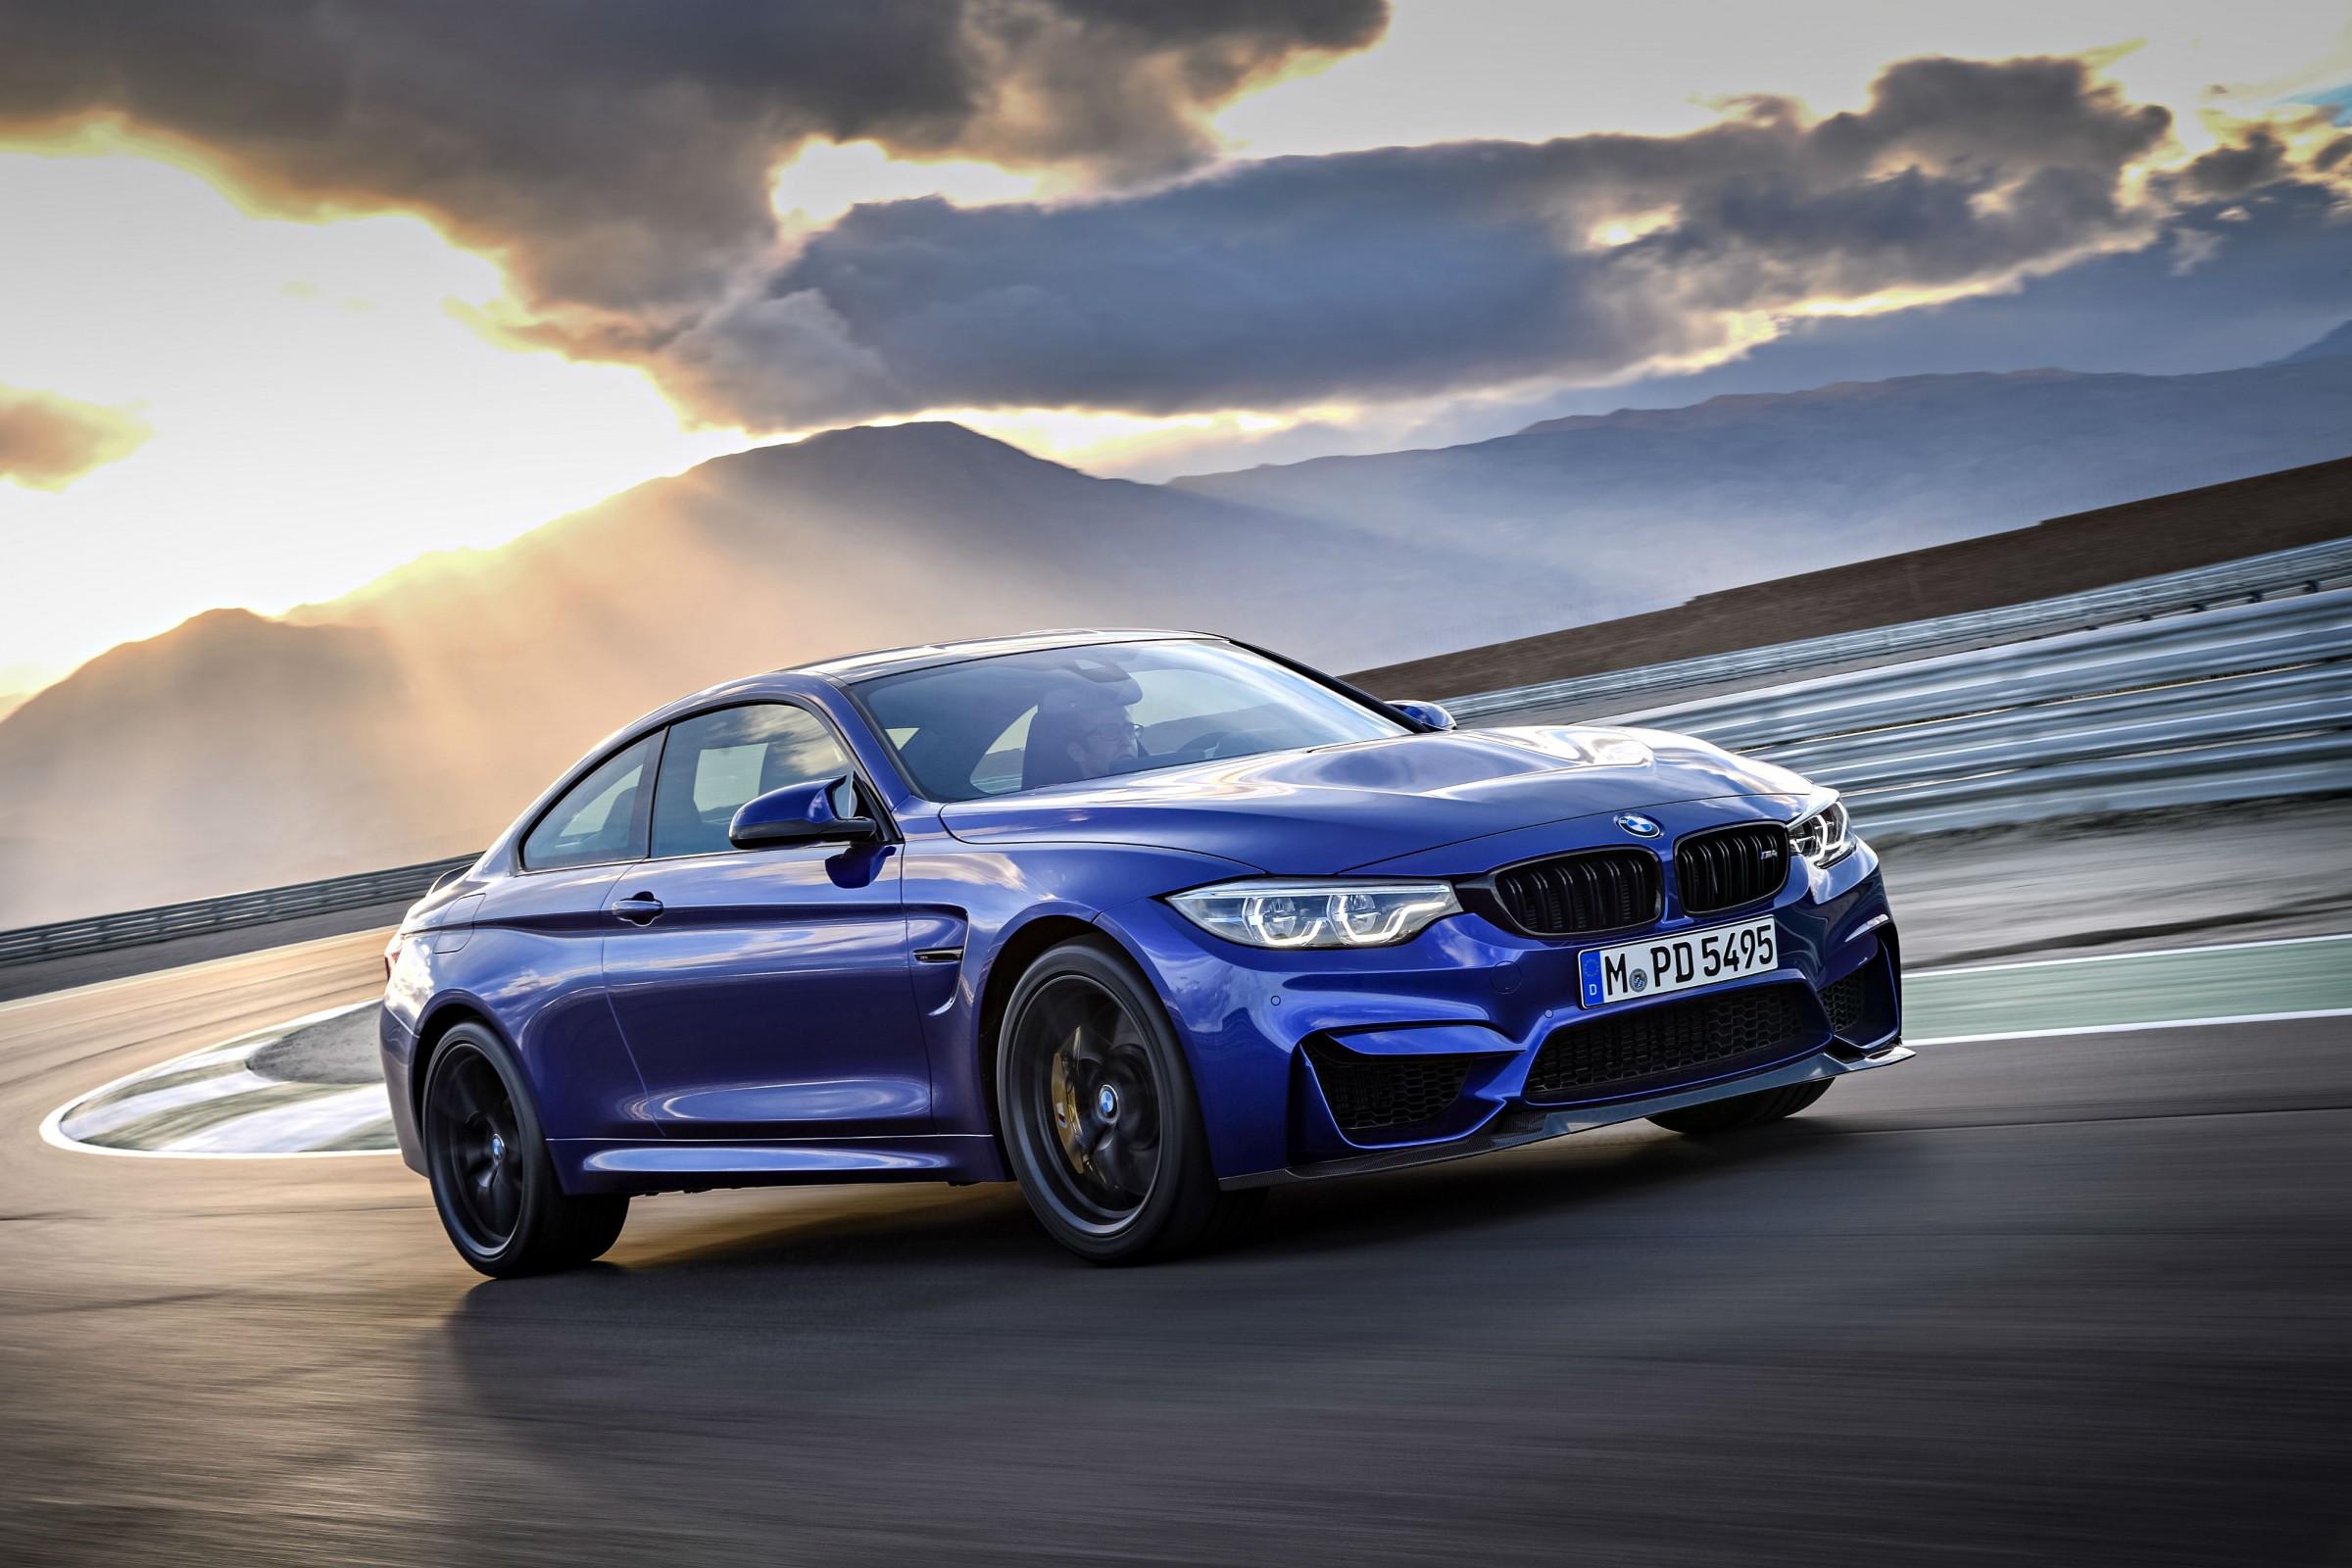 BMW M4 azul na saída de uma curva em movimento em um autódromo